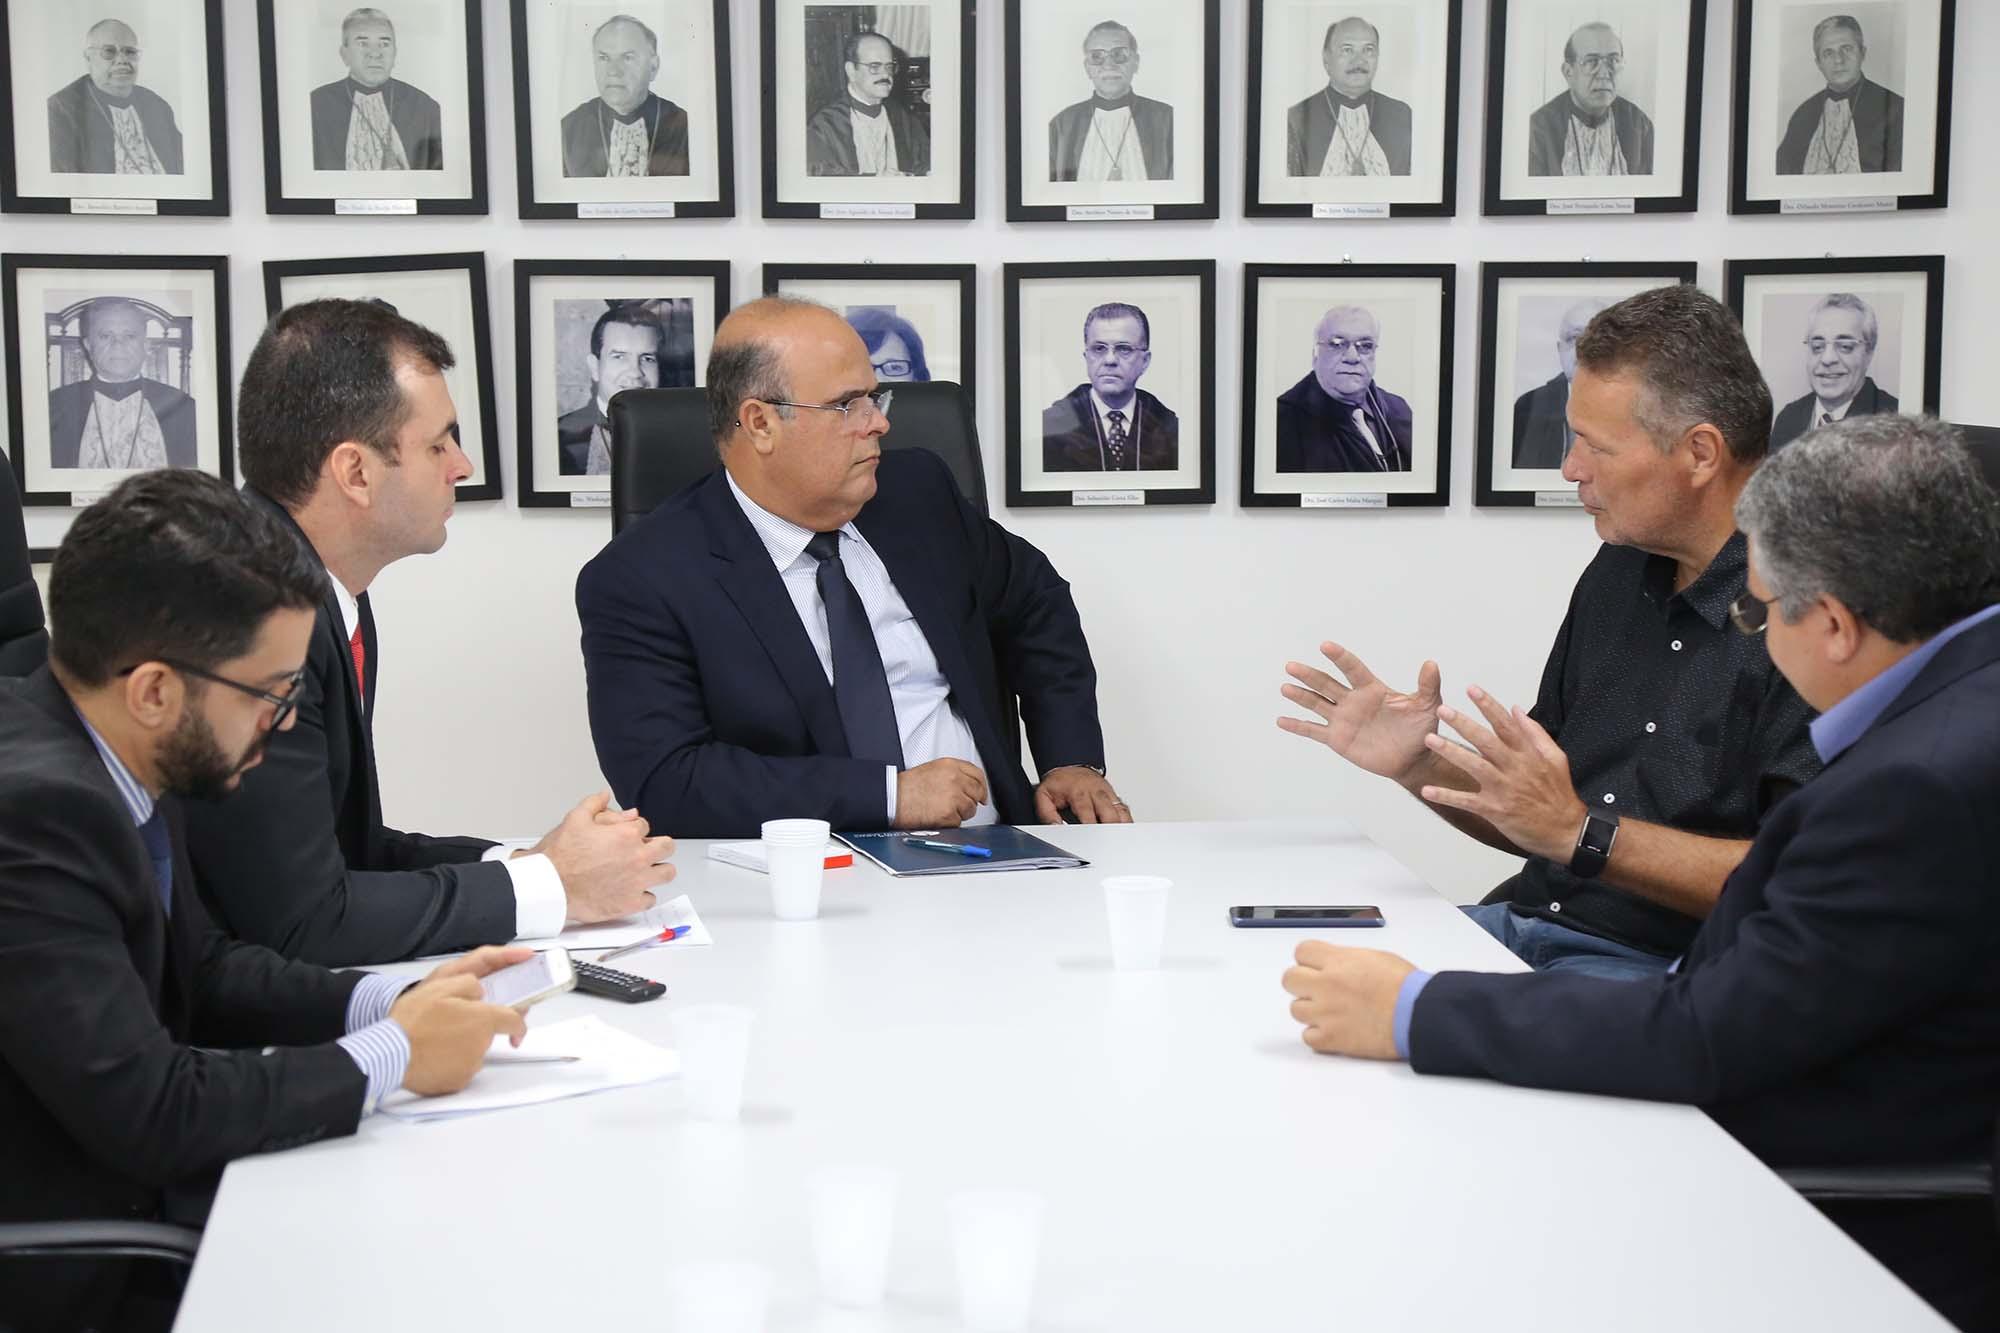 Corregedor destacou a necessidade de manter diálogo com a Segurança Pública e operadores do Direito. Foto: Itawi Albuquerque